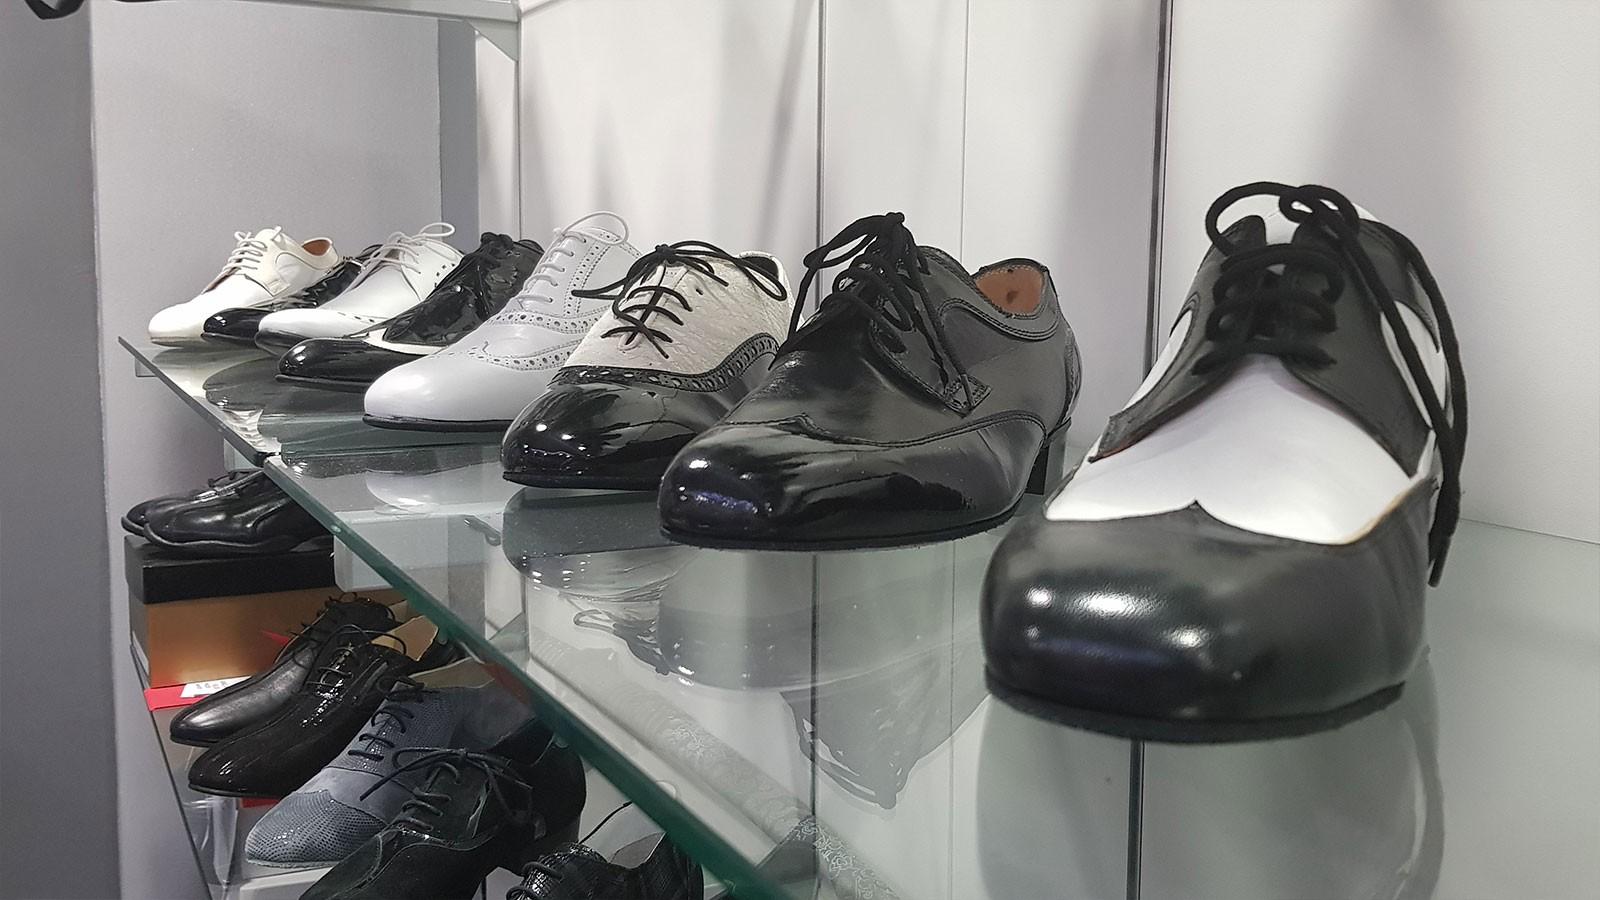 Angels scarpe da ballo Montichiari59